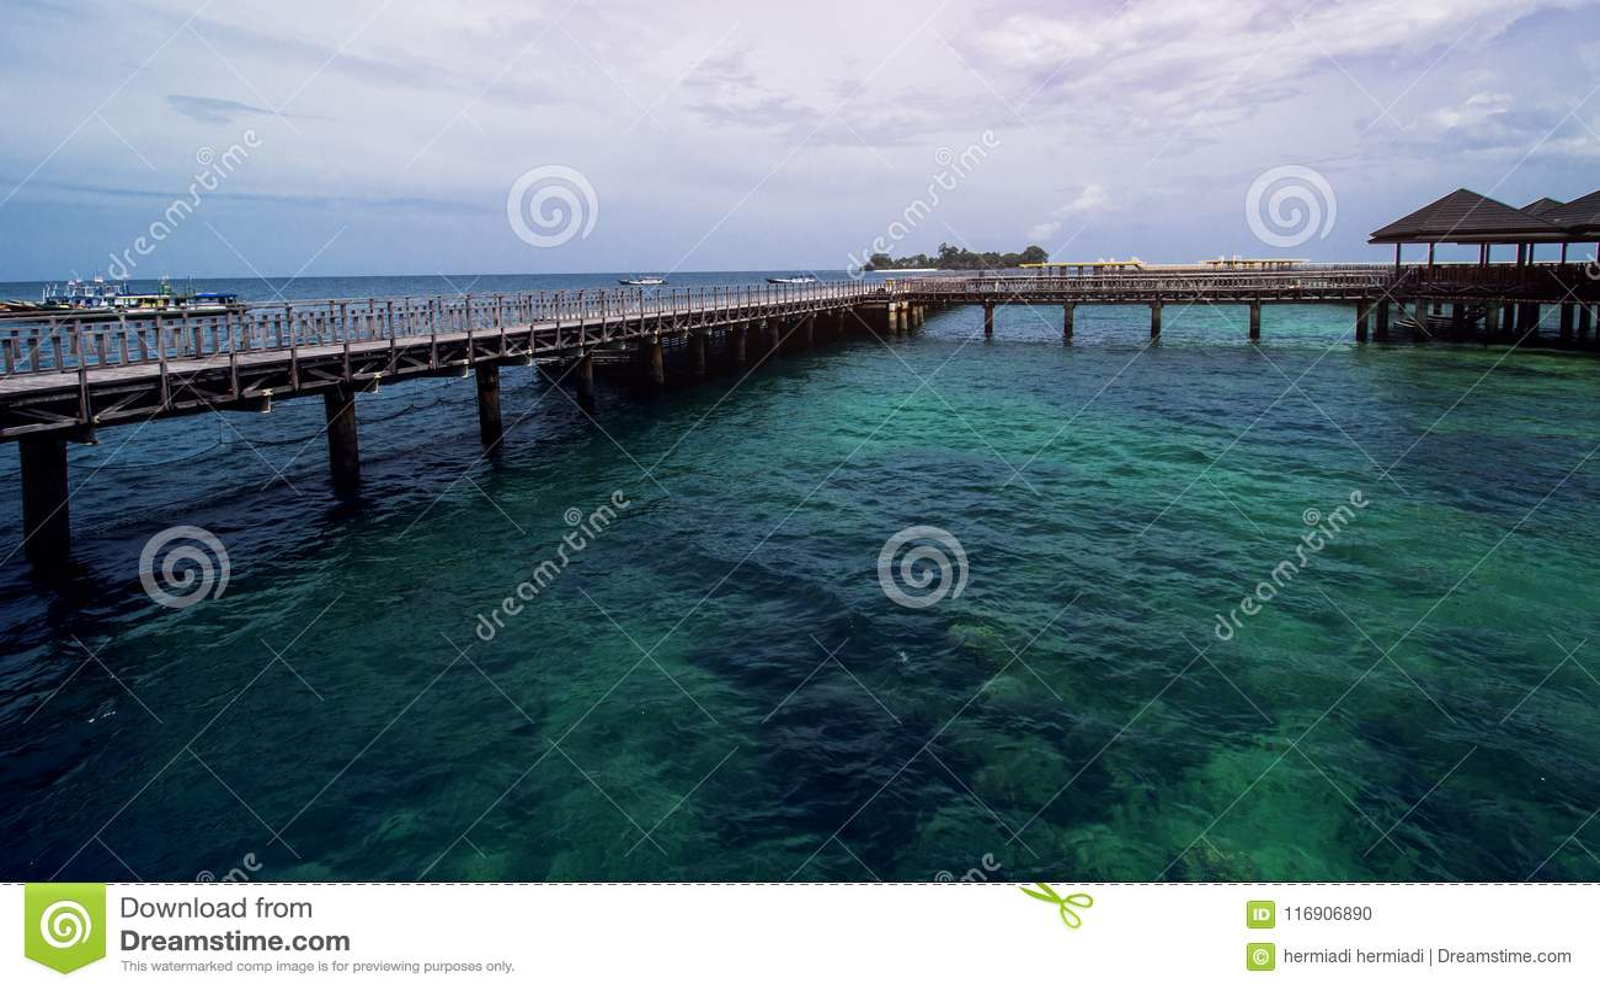 Ξύλινη αποβάθρα παραλιών ή ξύλινη αποβάθρα στην όμορφη τροπική παραλία